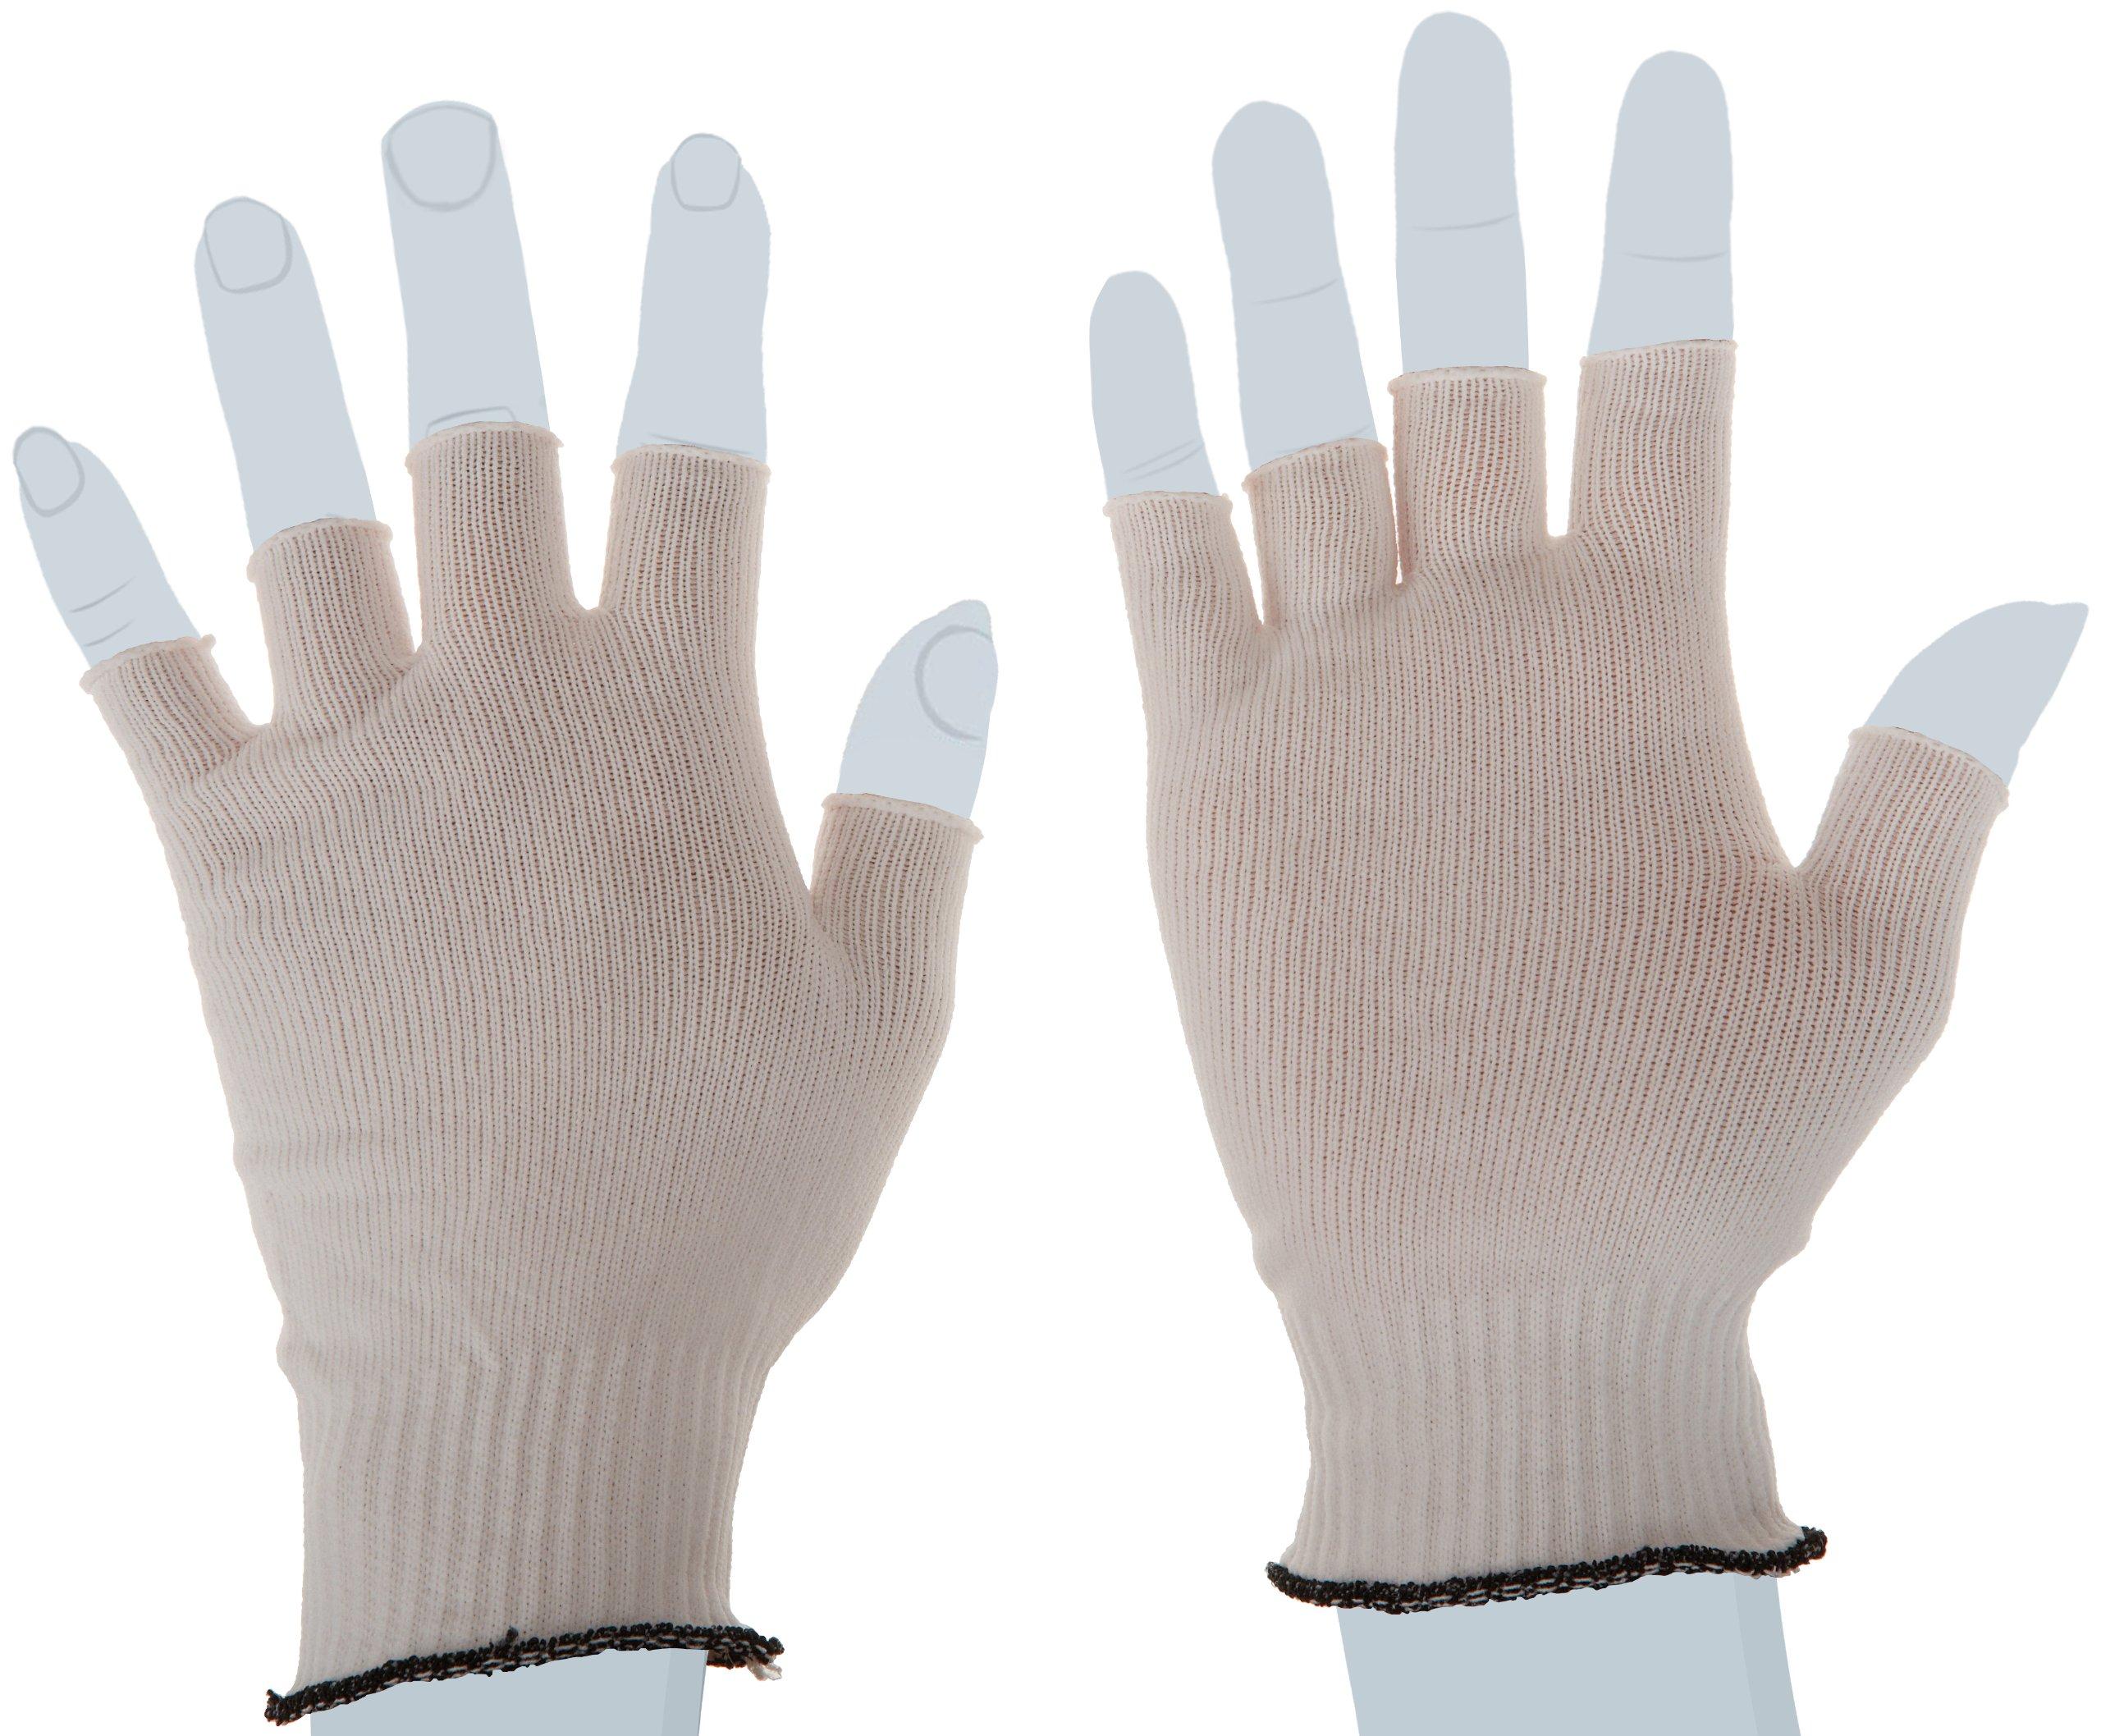 Berkshire BCR Nylon Half-Finger Glove Liners SK, Large Bulk Size (Bulk Pack of 200 Pairs)